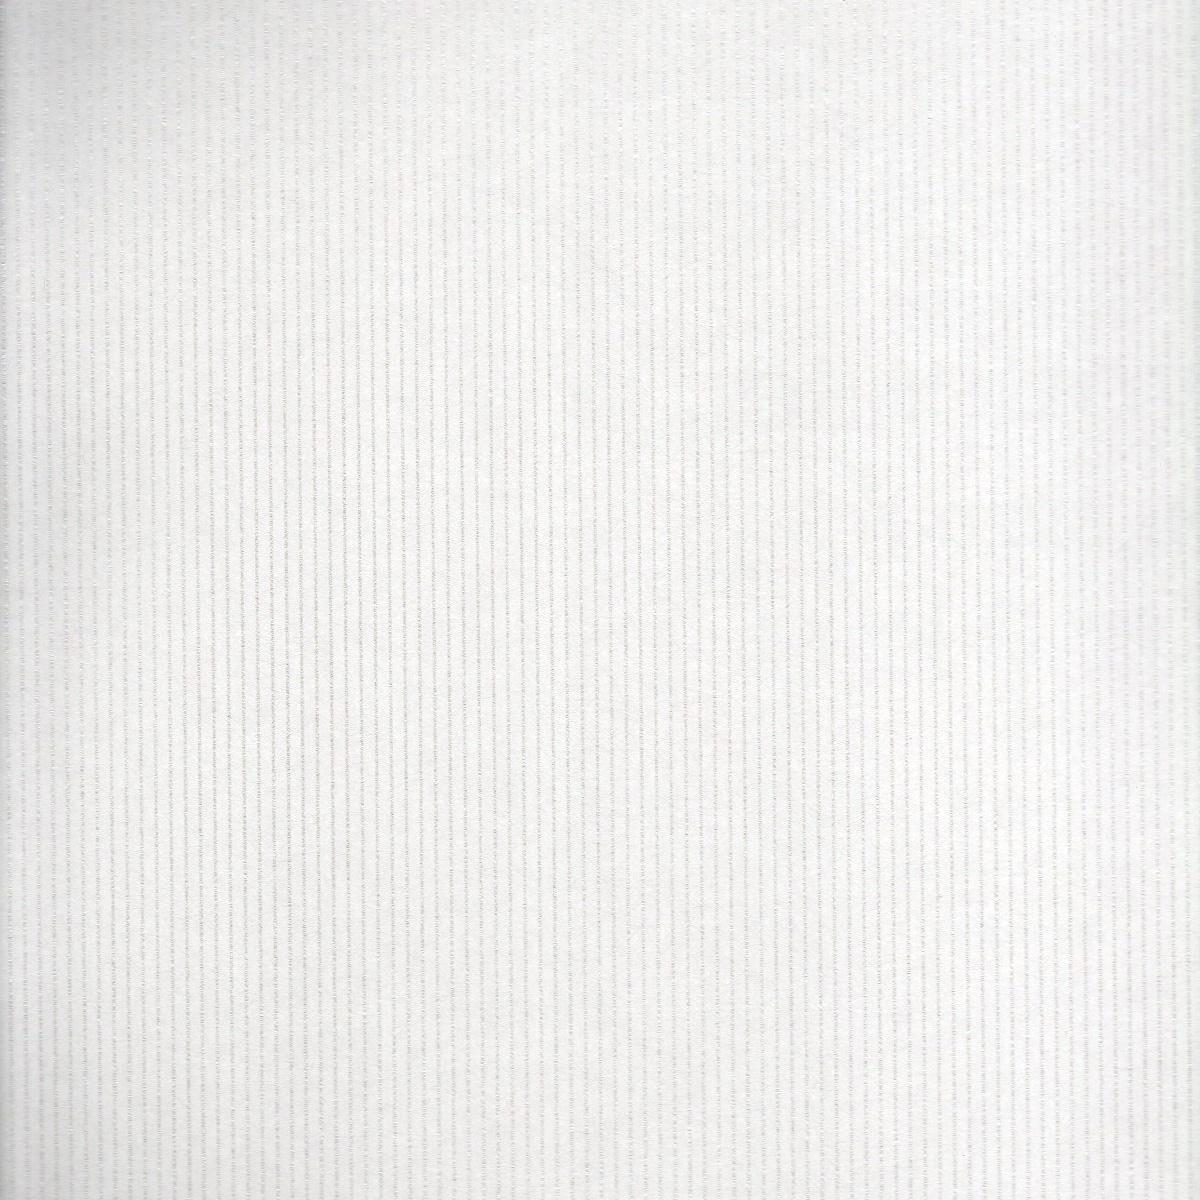 Обои флизелиновые Id-Art Lyonesse белые 0.53 м V6220-7